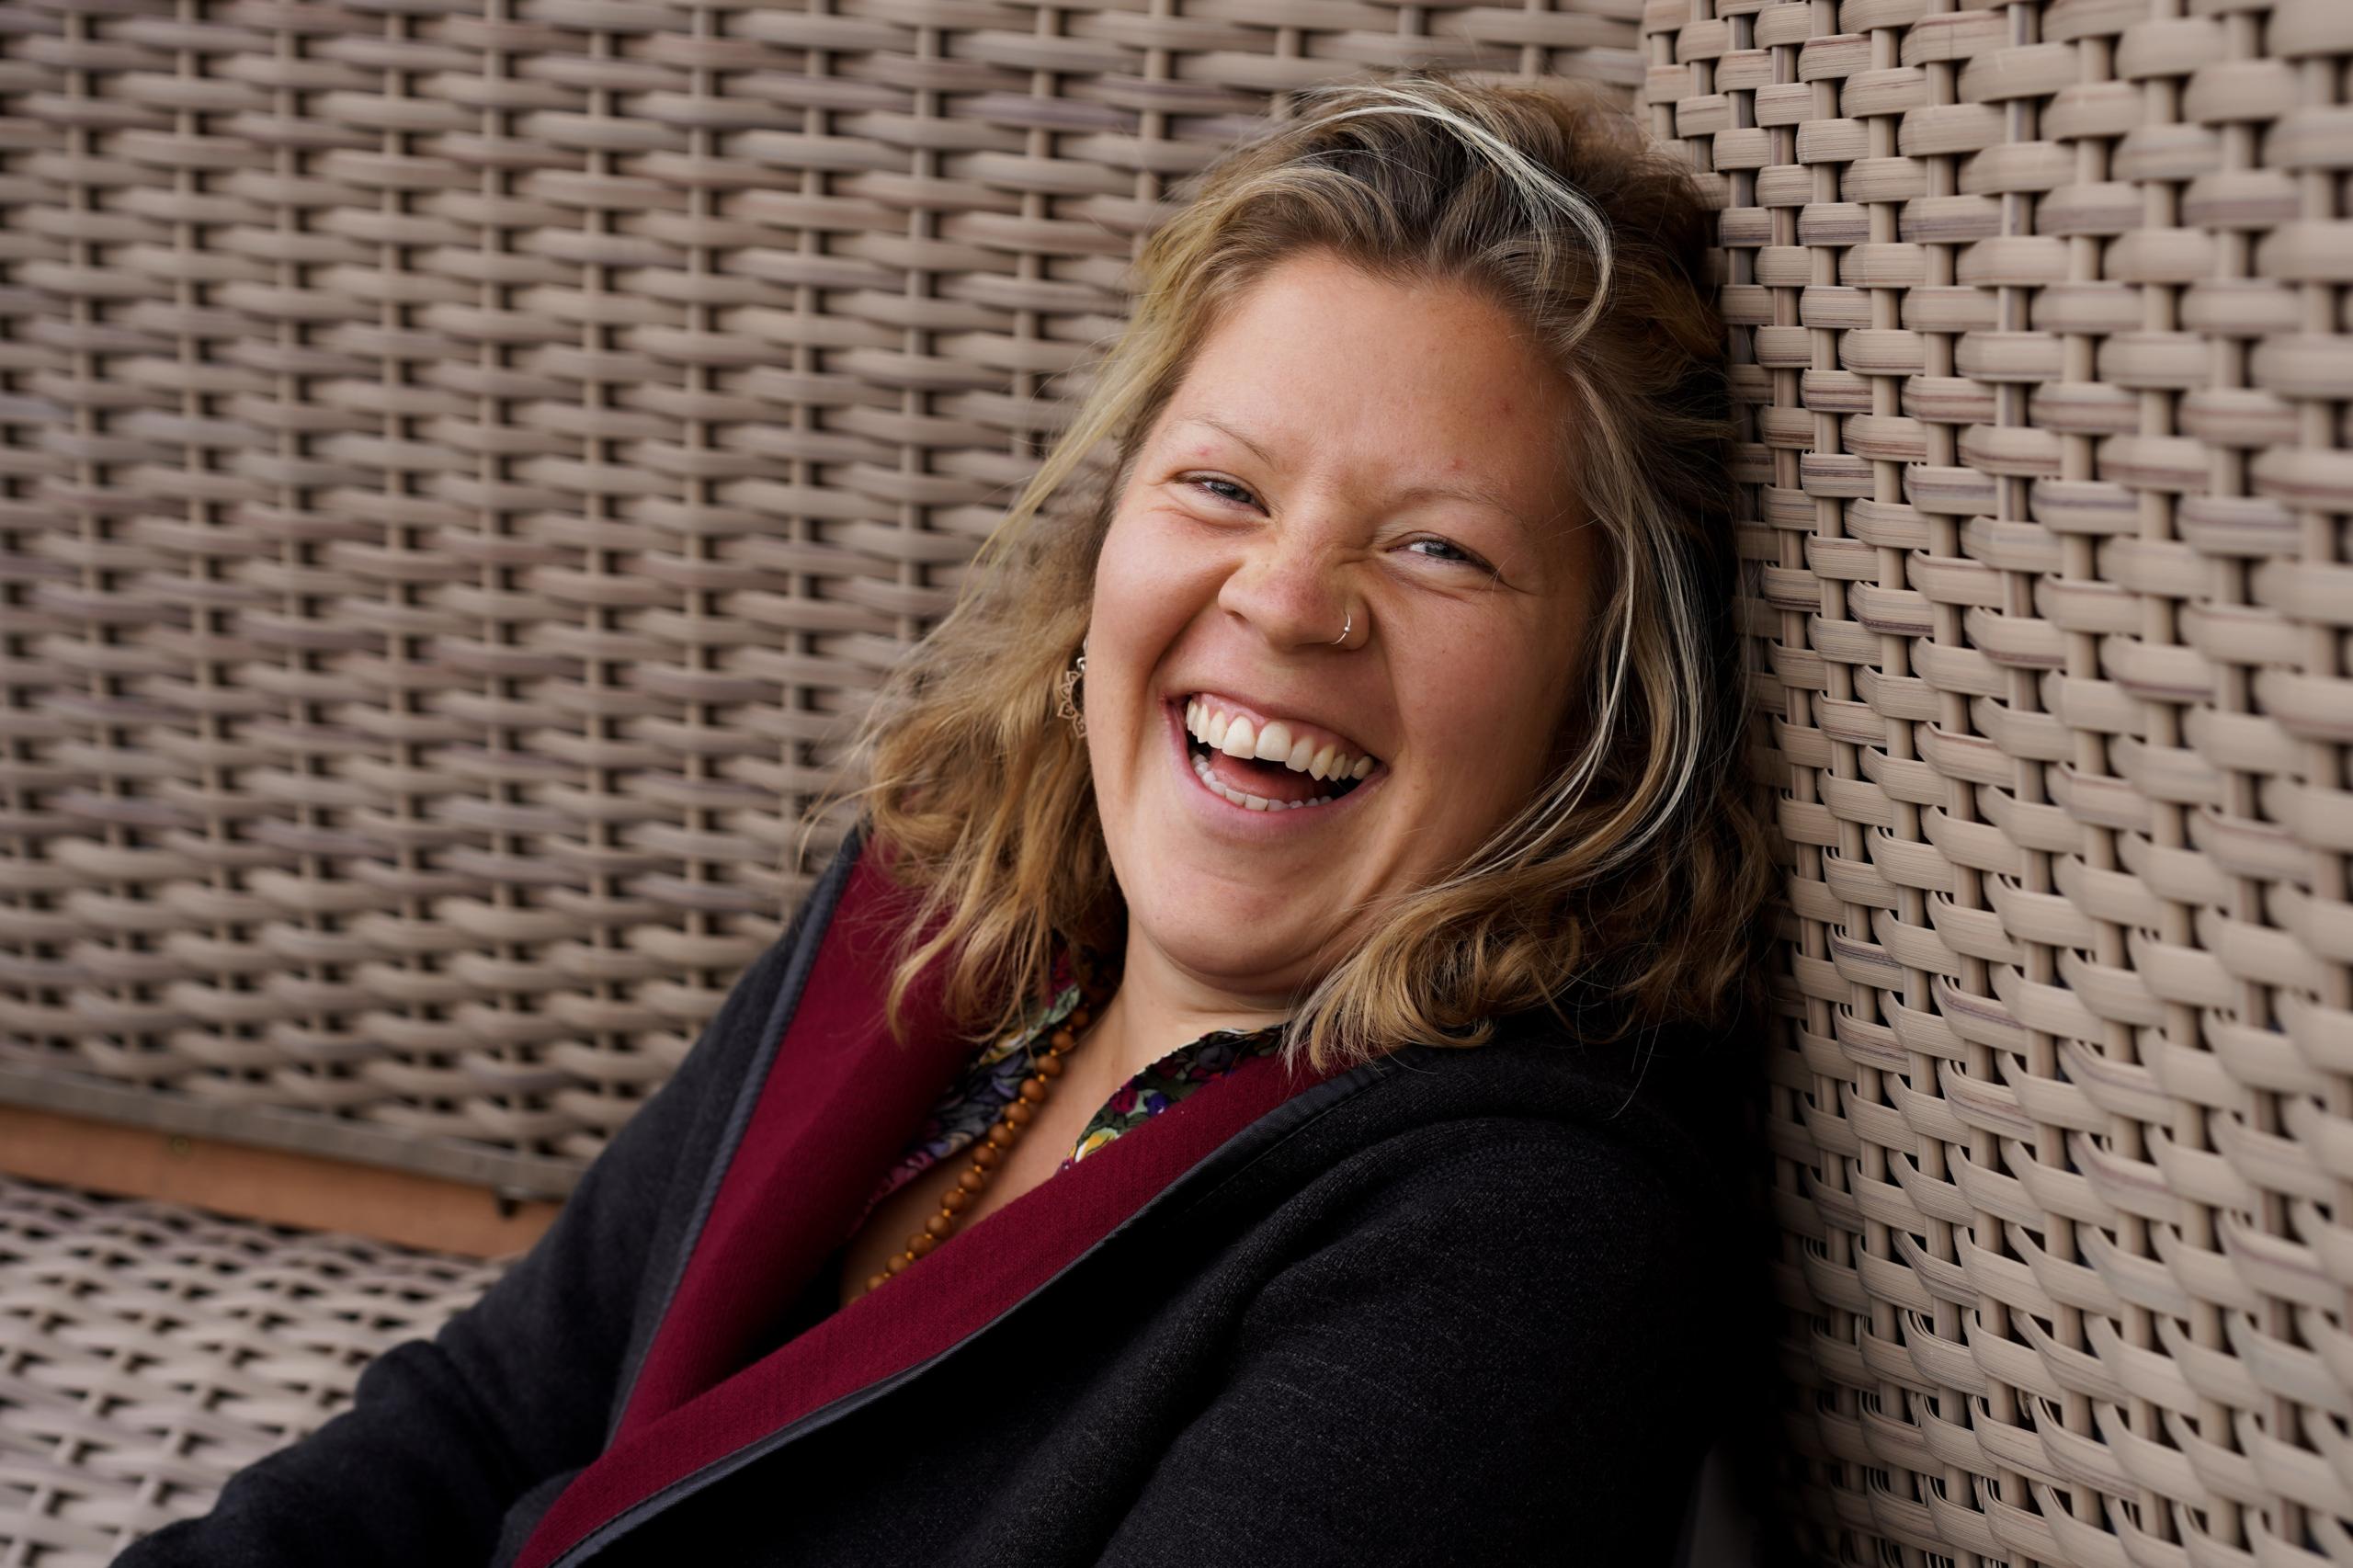 Sonja Eilermann lacht herzhaft.